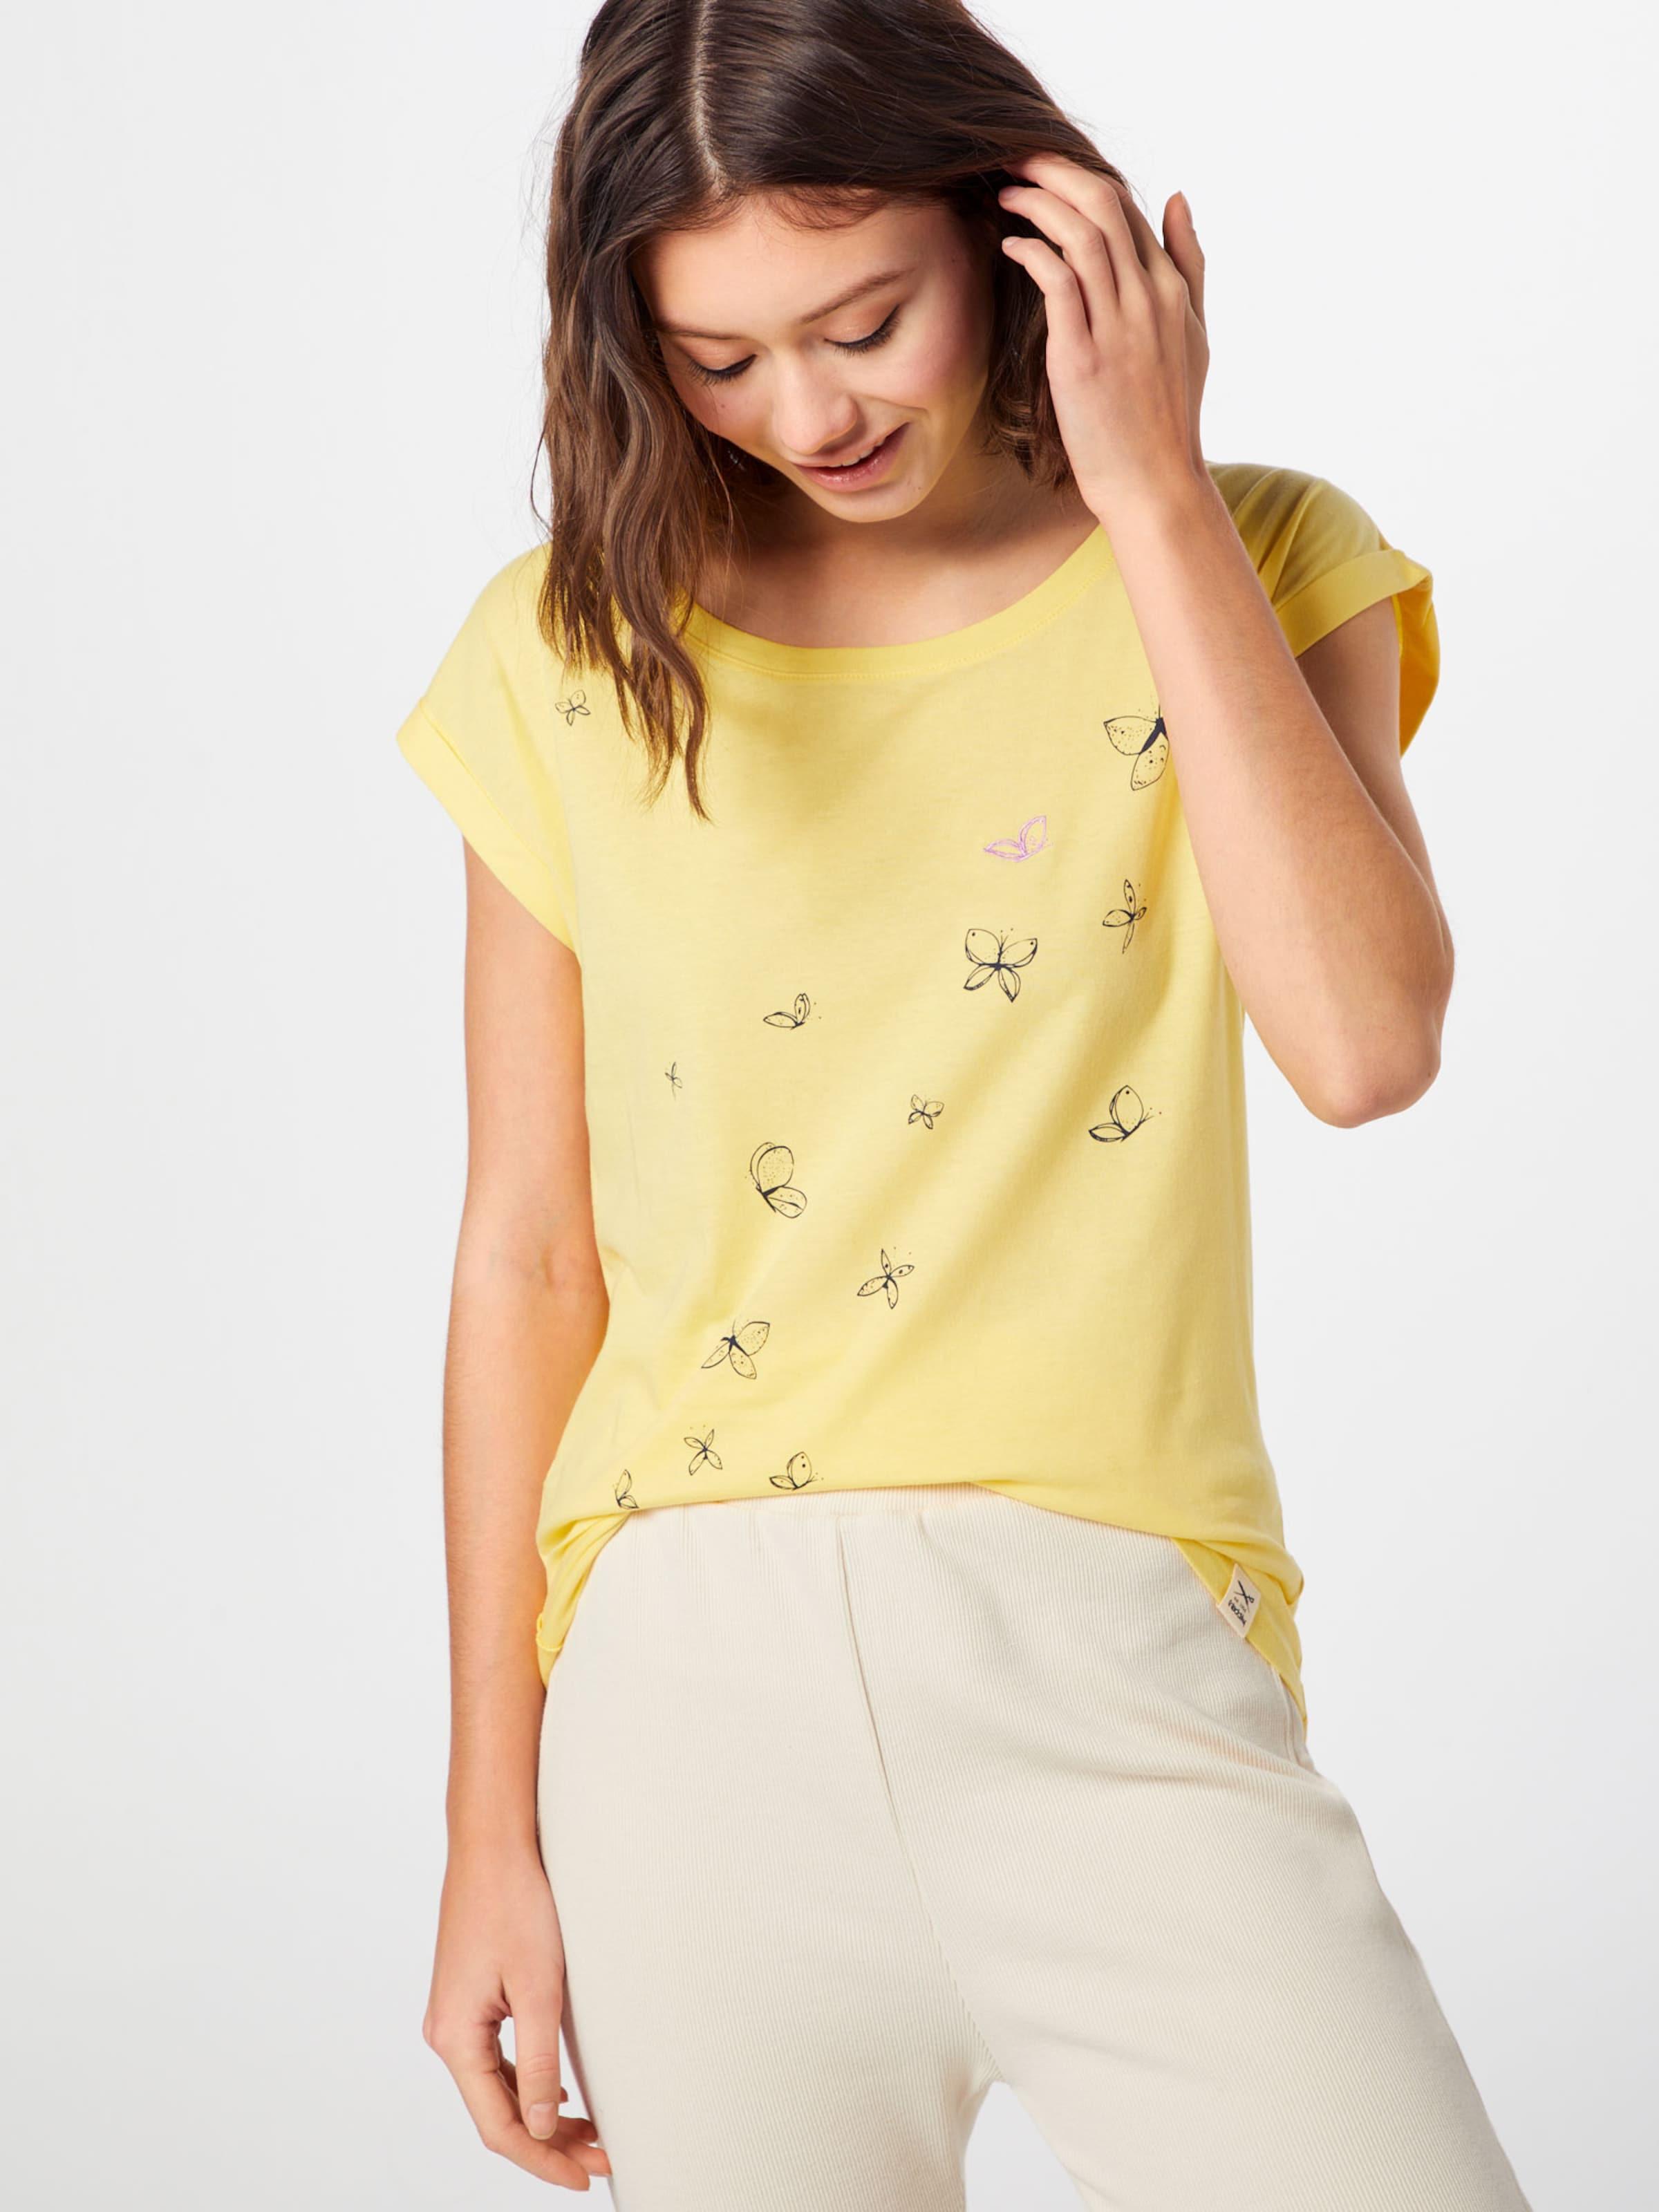 In Iriedaily Gelb 'butterflies Tee' Shirt 8NXwPkn0O